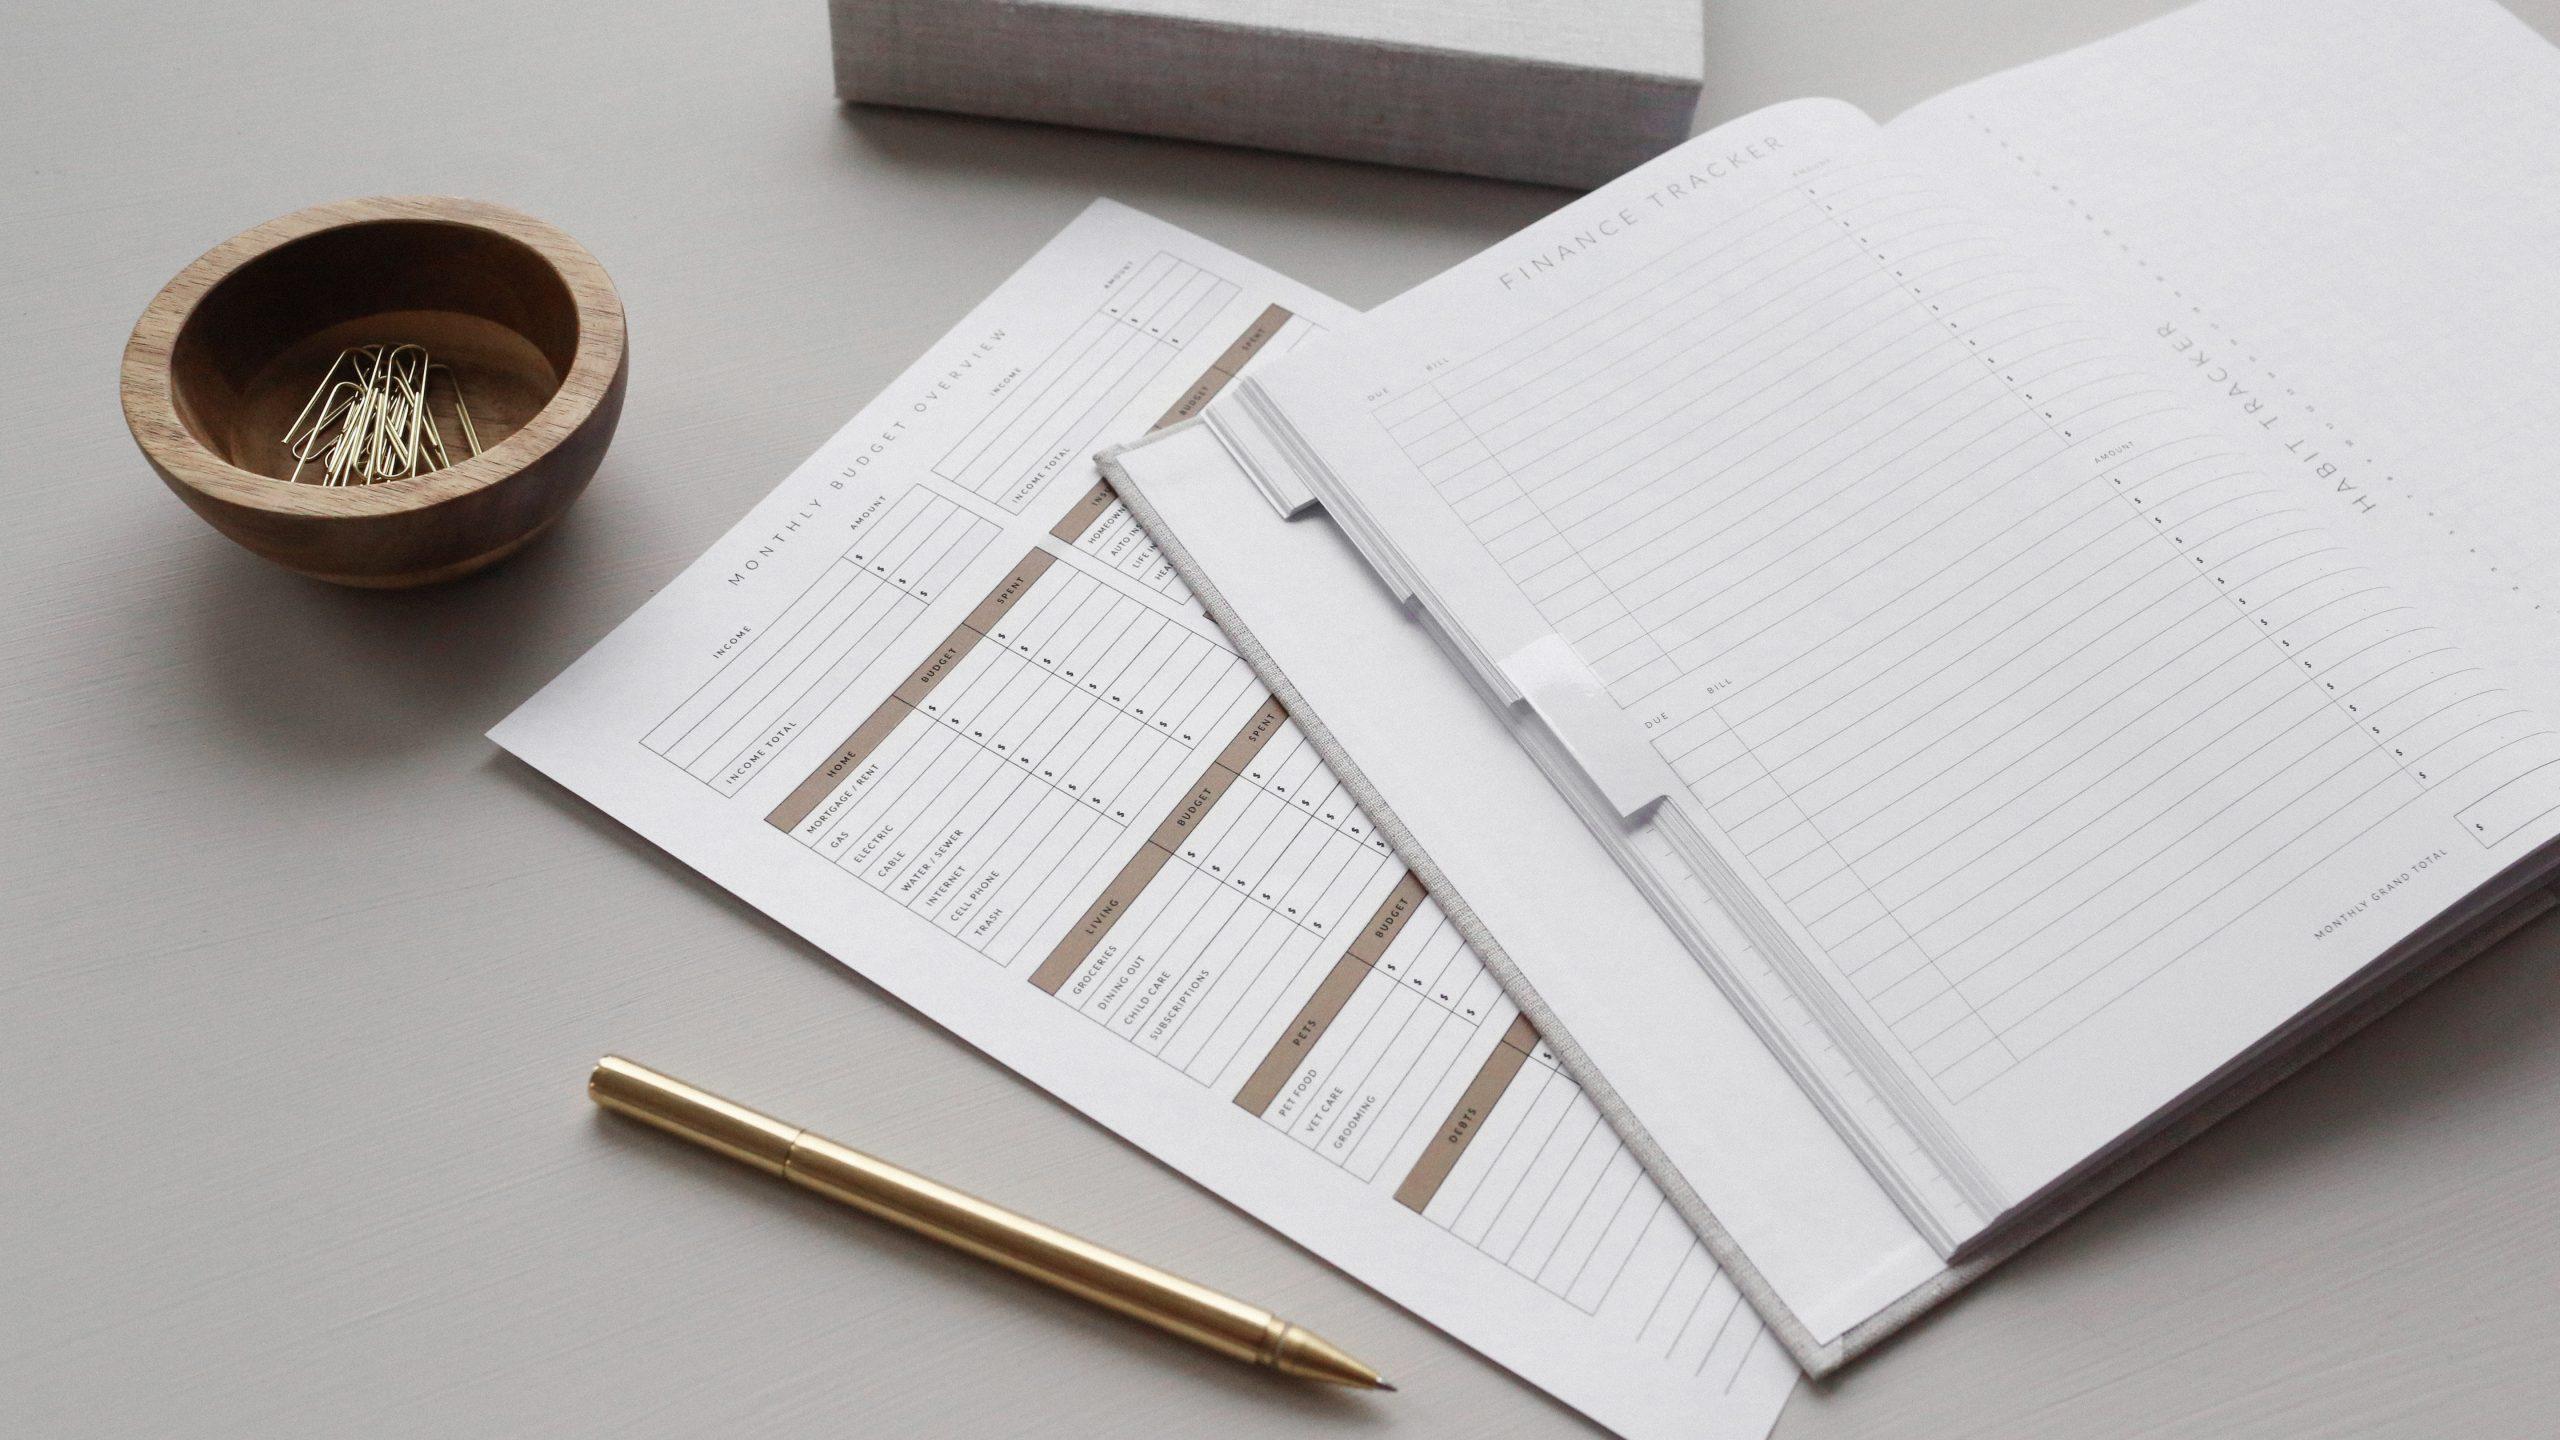 Аутсорсинг бухгалтерских услуг в Украине